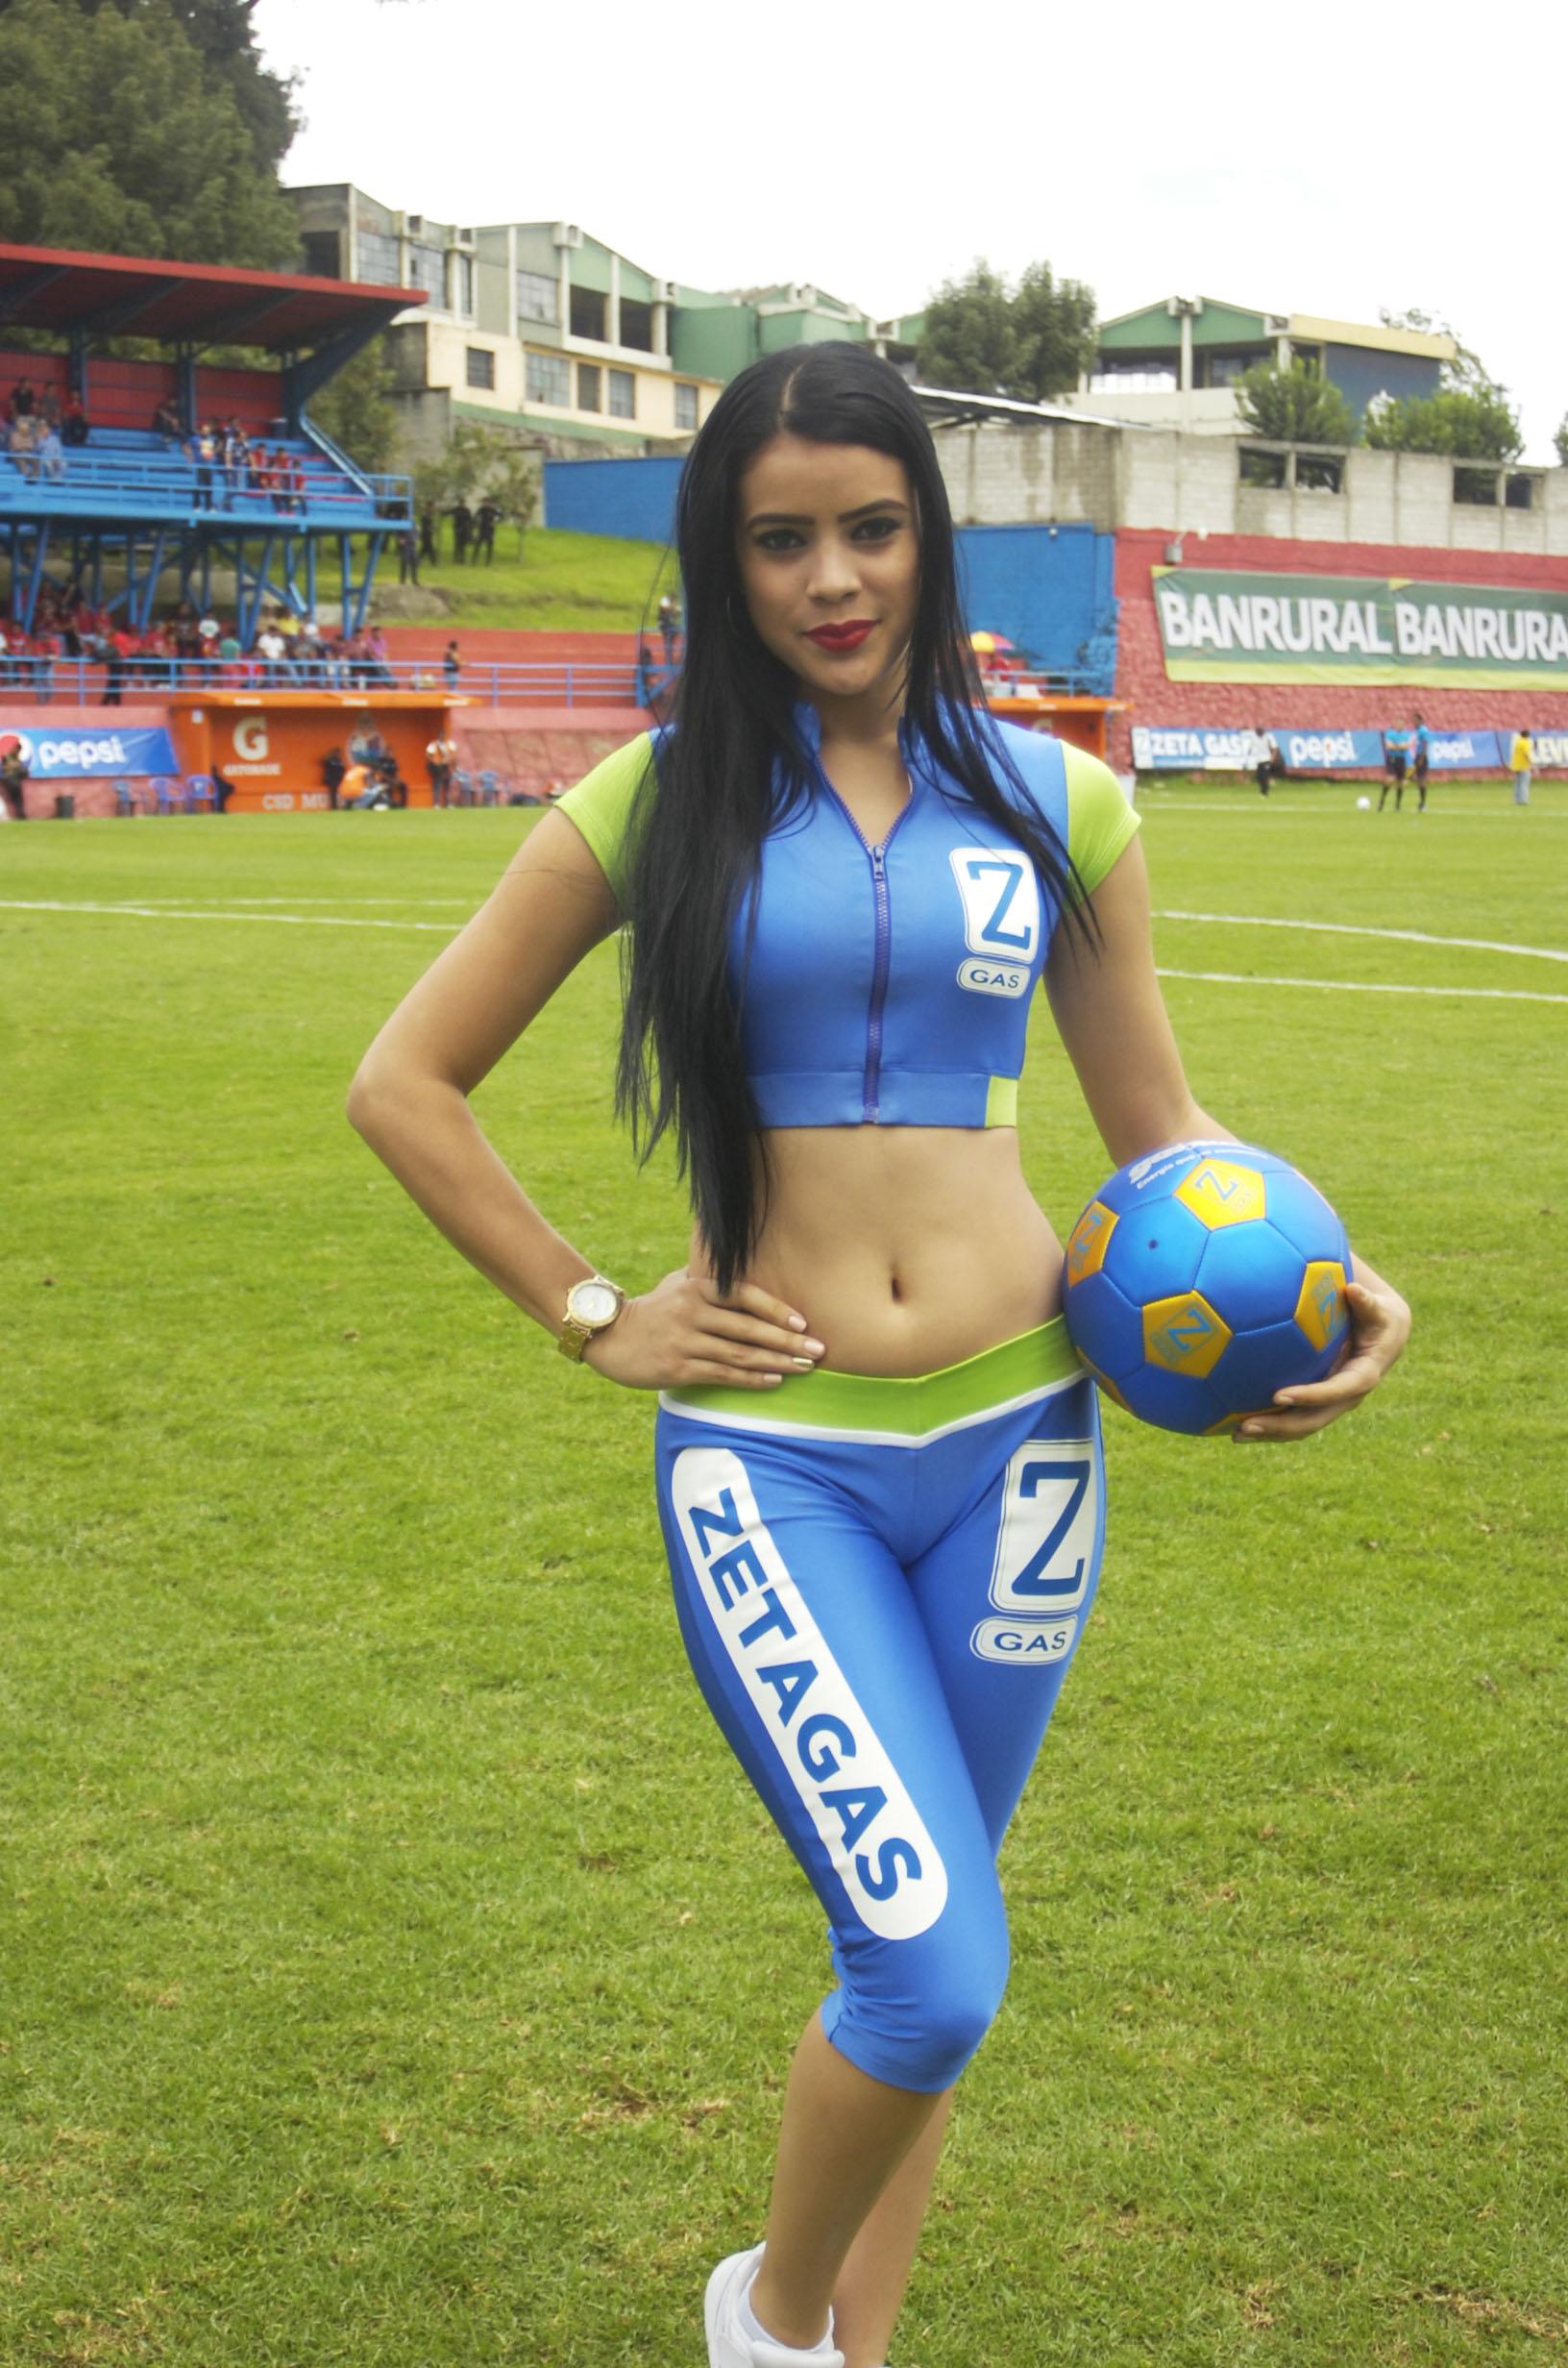 (((FOTOS))) Las variantes de Cobán cortesía de Daviana